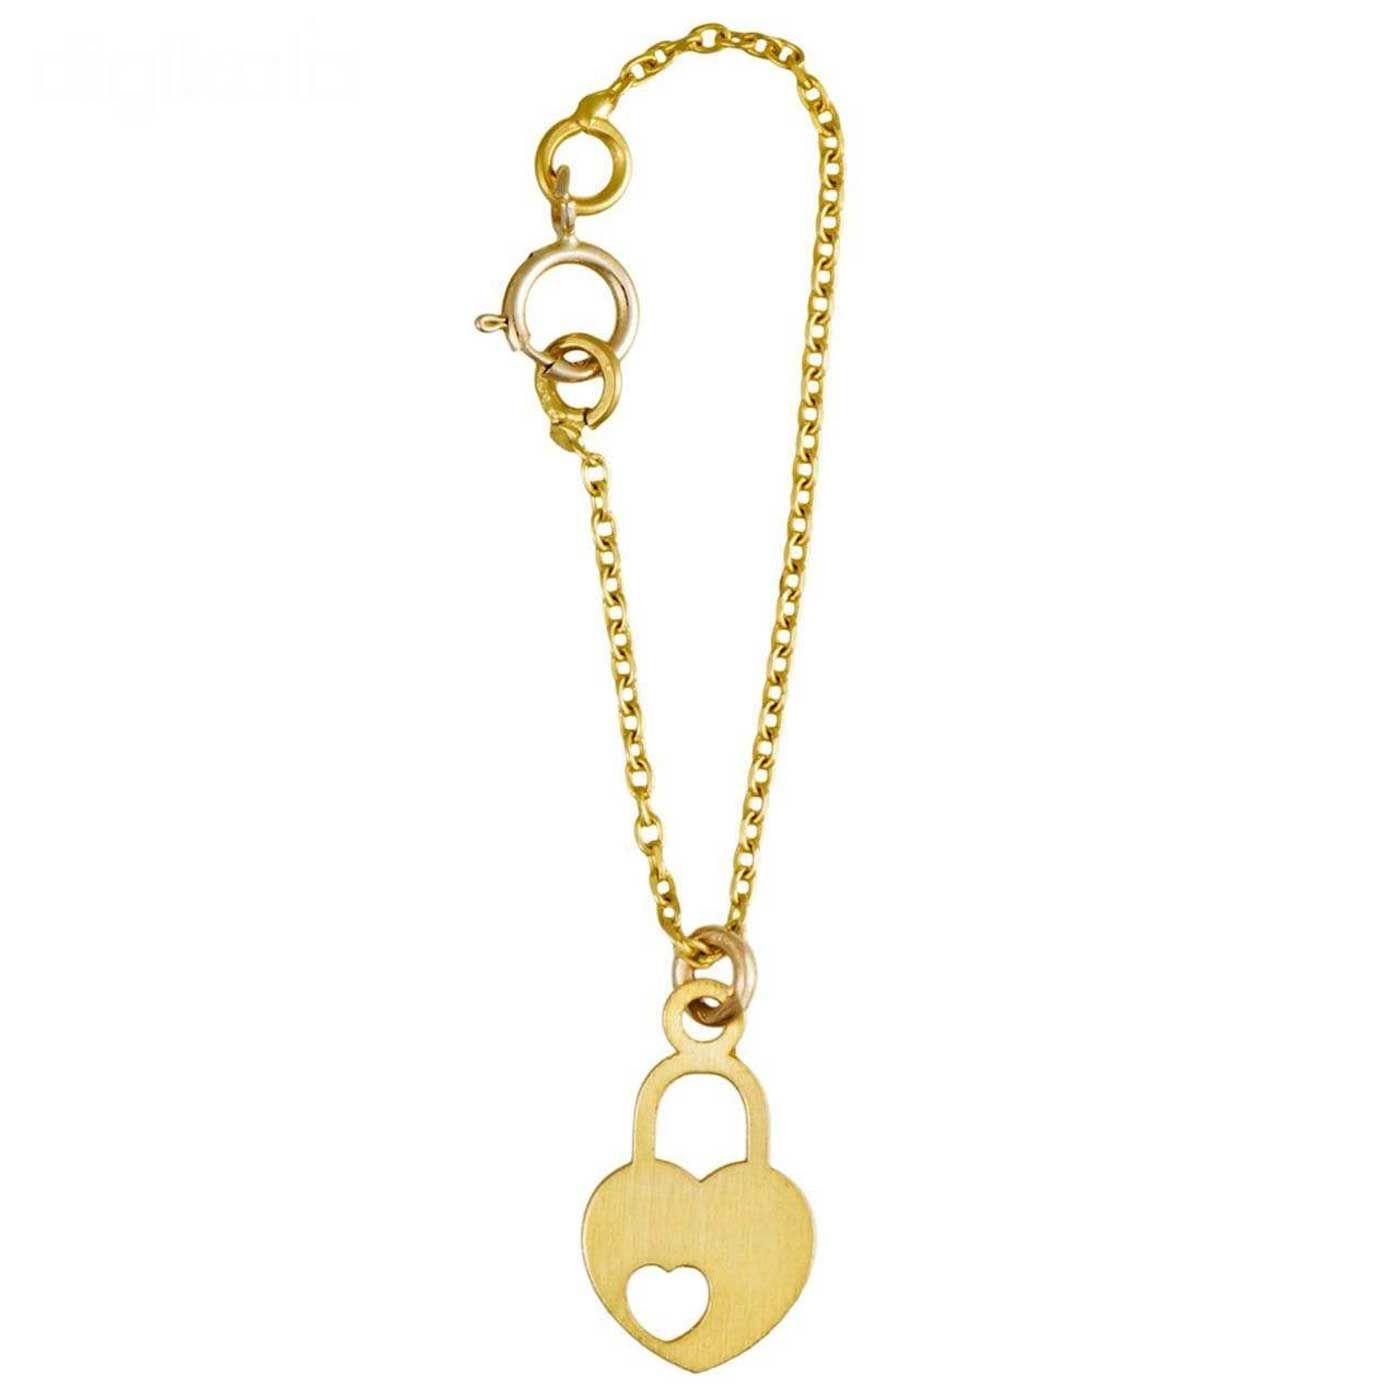 آویز ساعت طلا 18 عیار زنانه کانیار گالری کد AS162 -  - 1